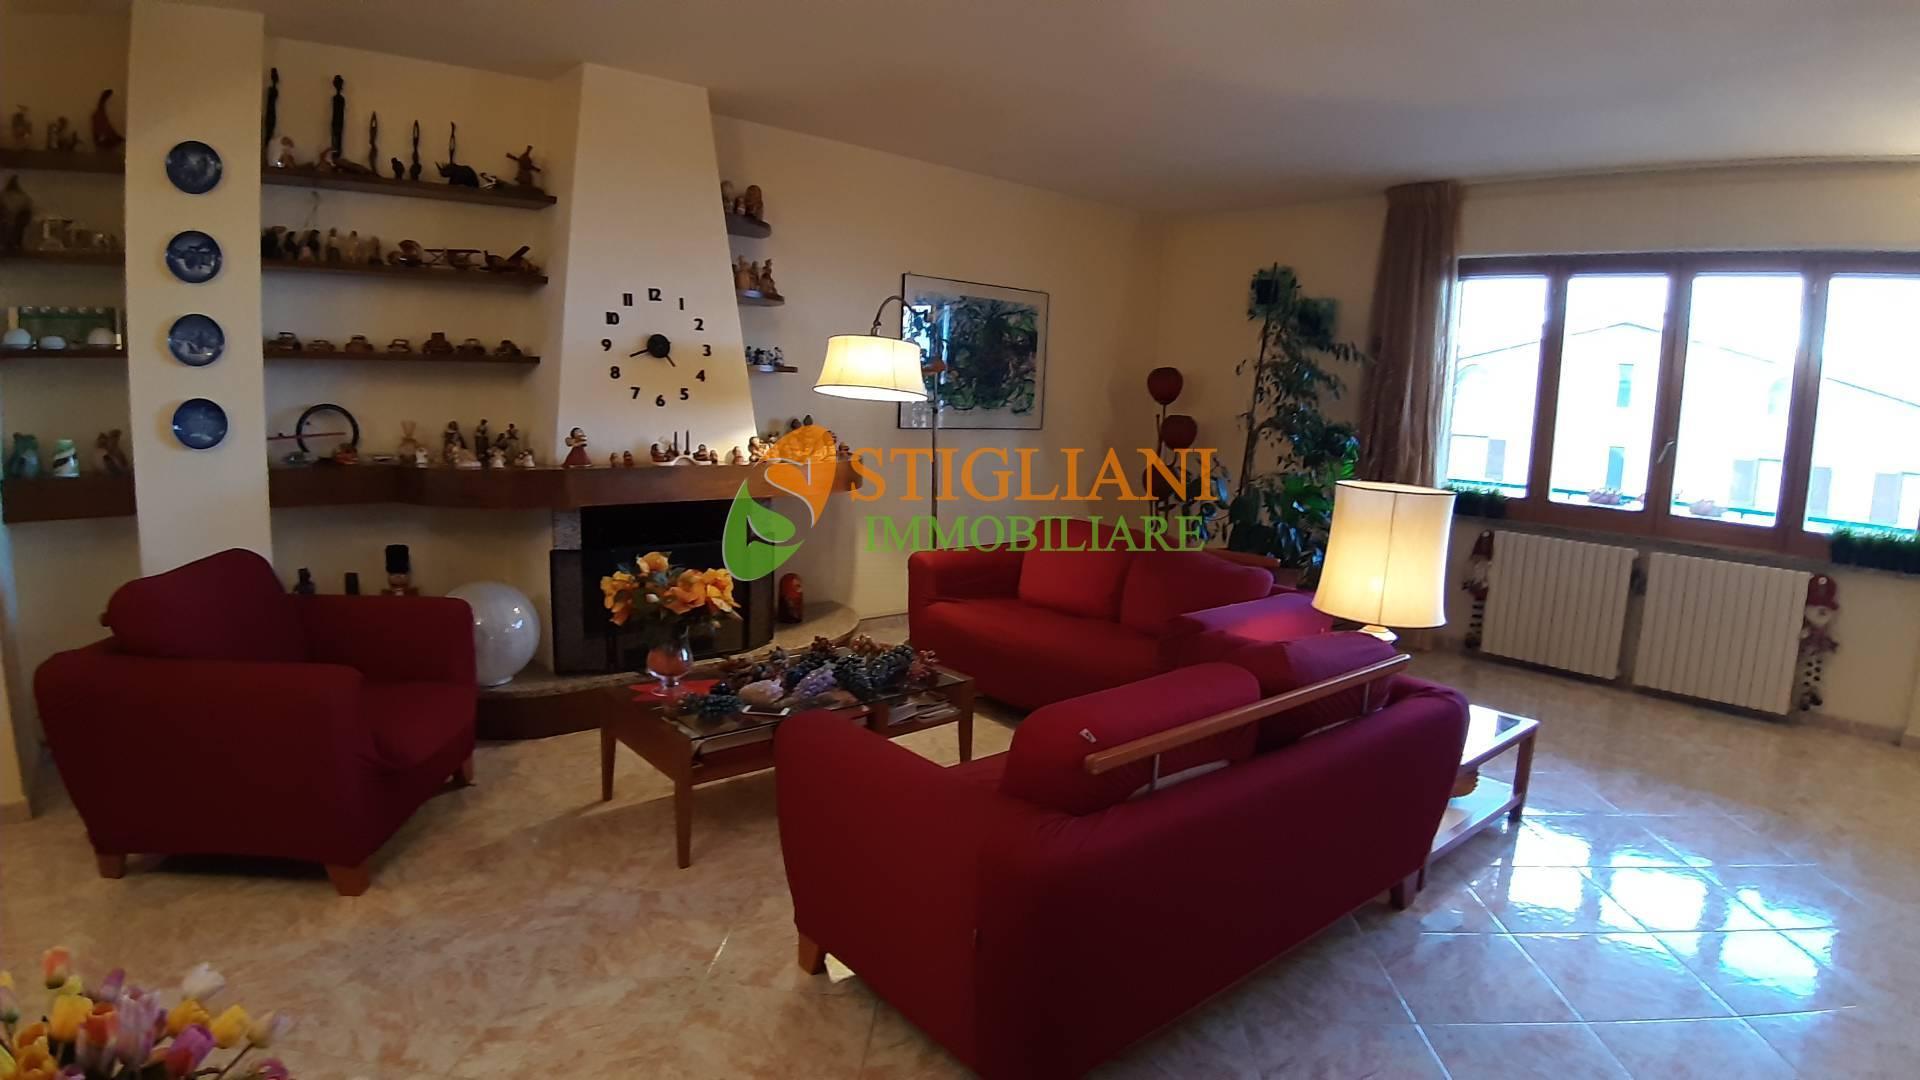 Villa Bifamiliare in vendita a Ferrazzano, 7 locali, zona Località: ContradaVazzieri, prezzo € 240.000 | CambioCasa.it